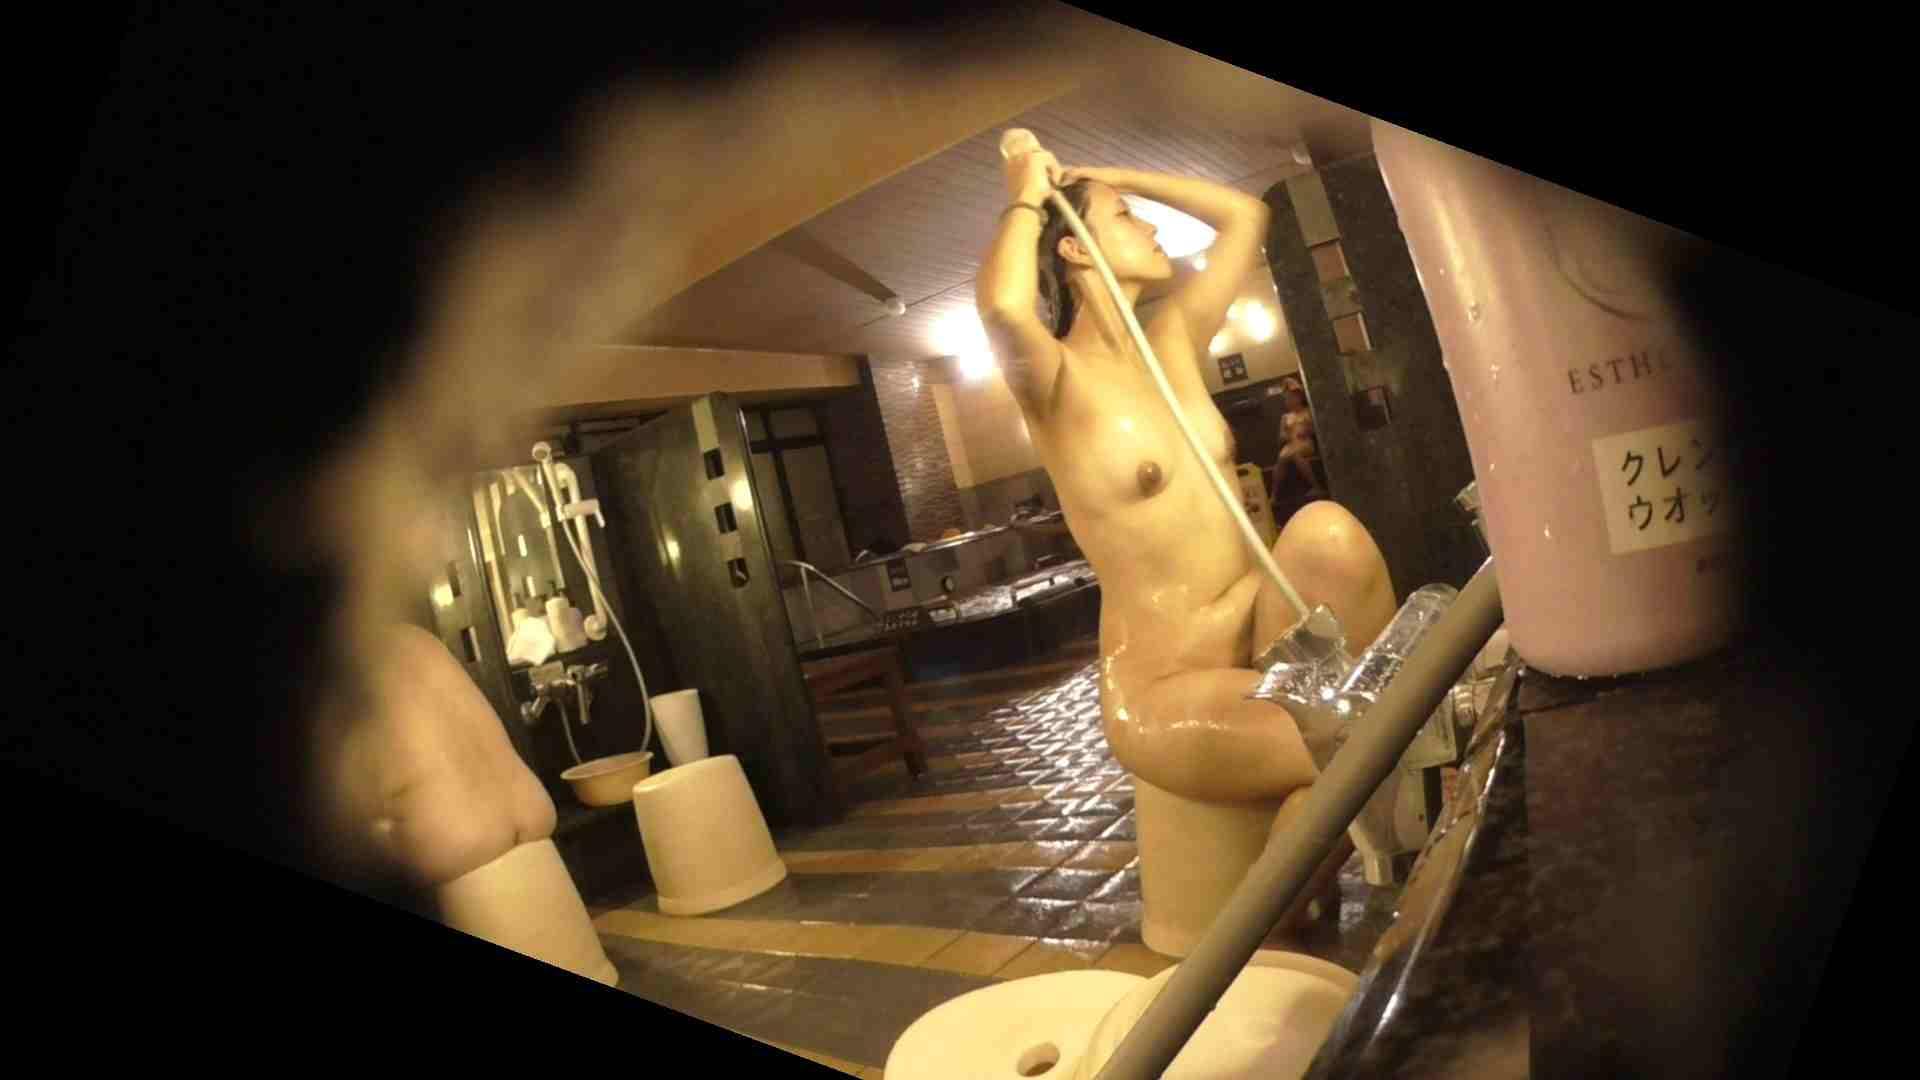 お風呂HEROの助手 vol.04 OLのボディ | 0  58PIX 39